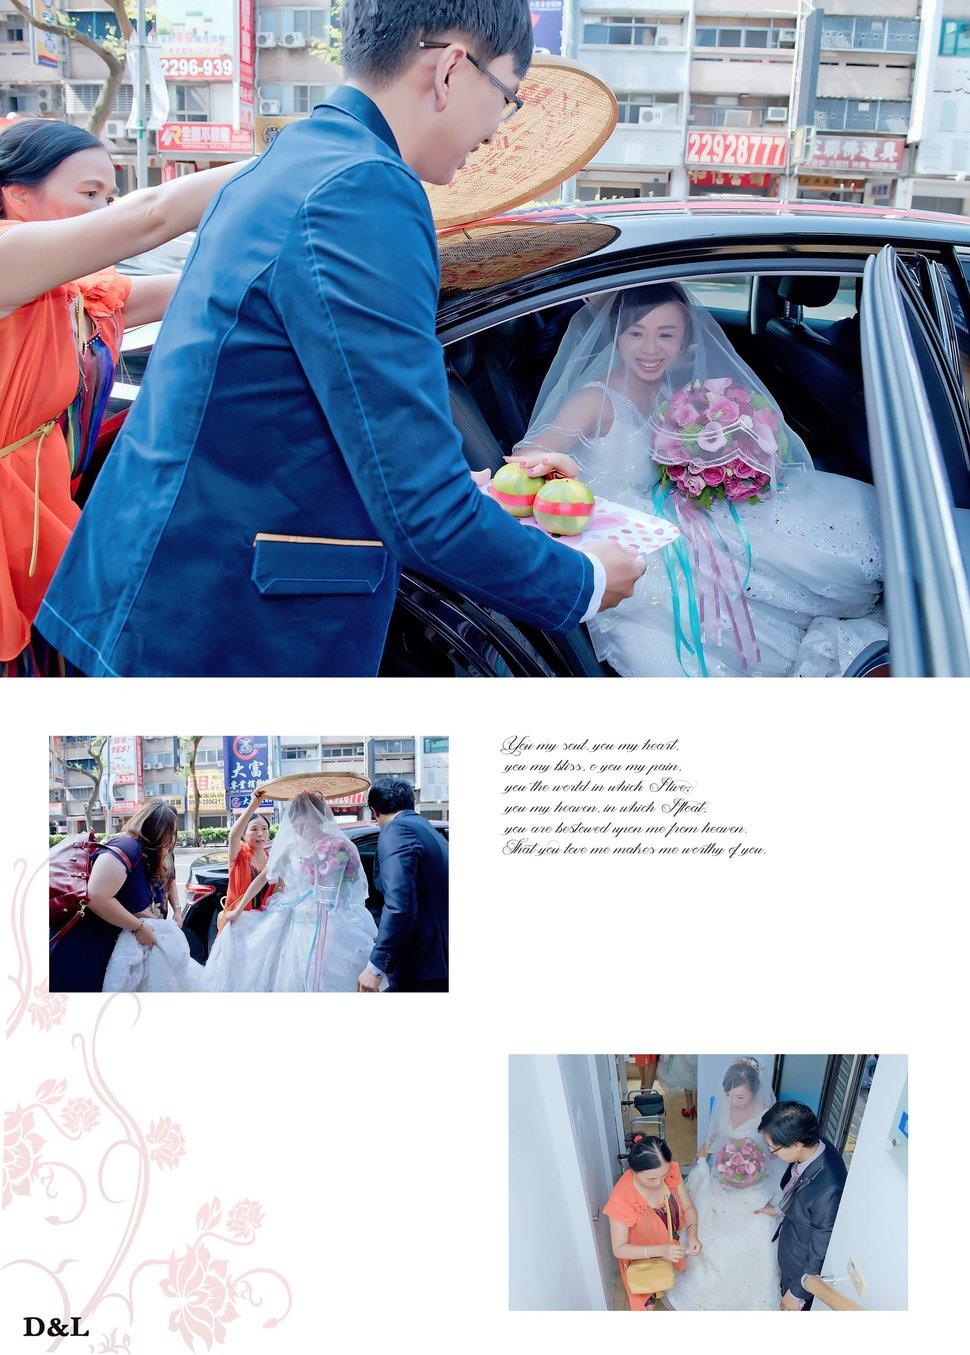 台中婚攝 婚禮記錄 訂結午宴 球愛物語景觀婚禮會館-平面攝影(編號:374406) - D&L 婚禮事務-婚紗攝影/婚禮攝影 - 結婚吧